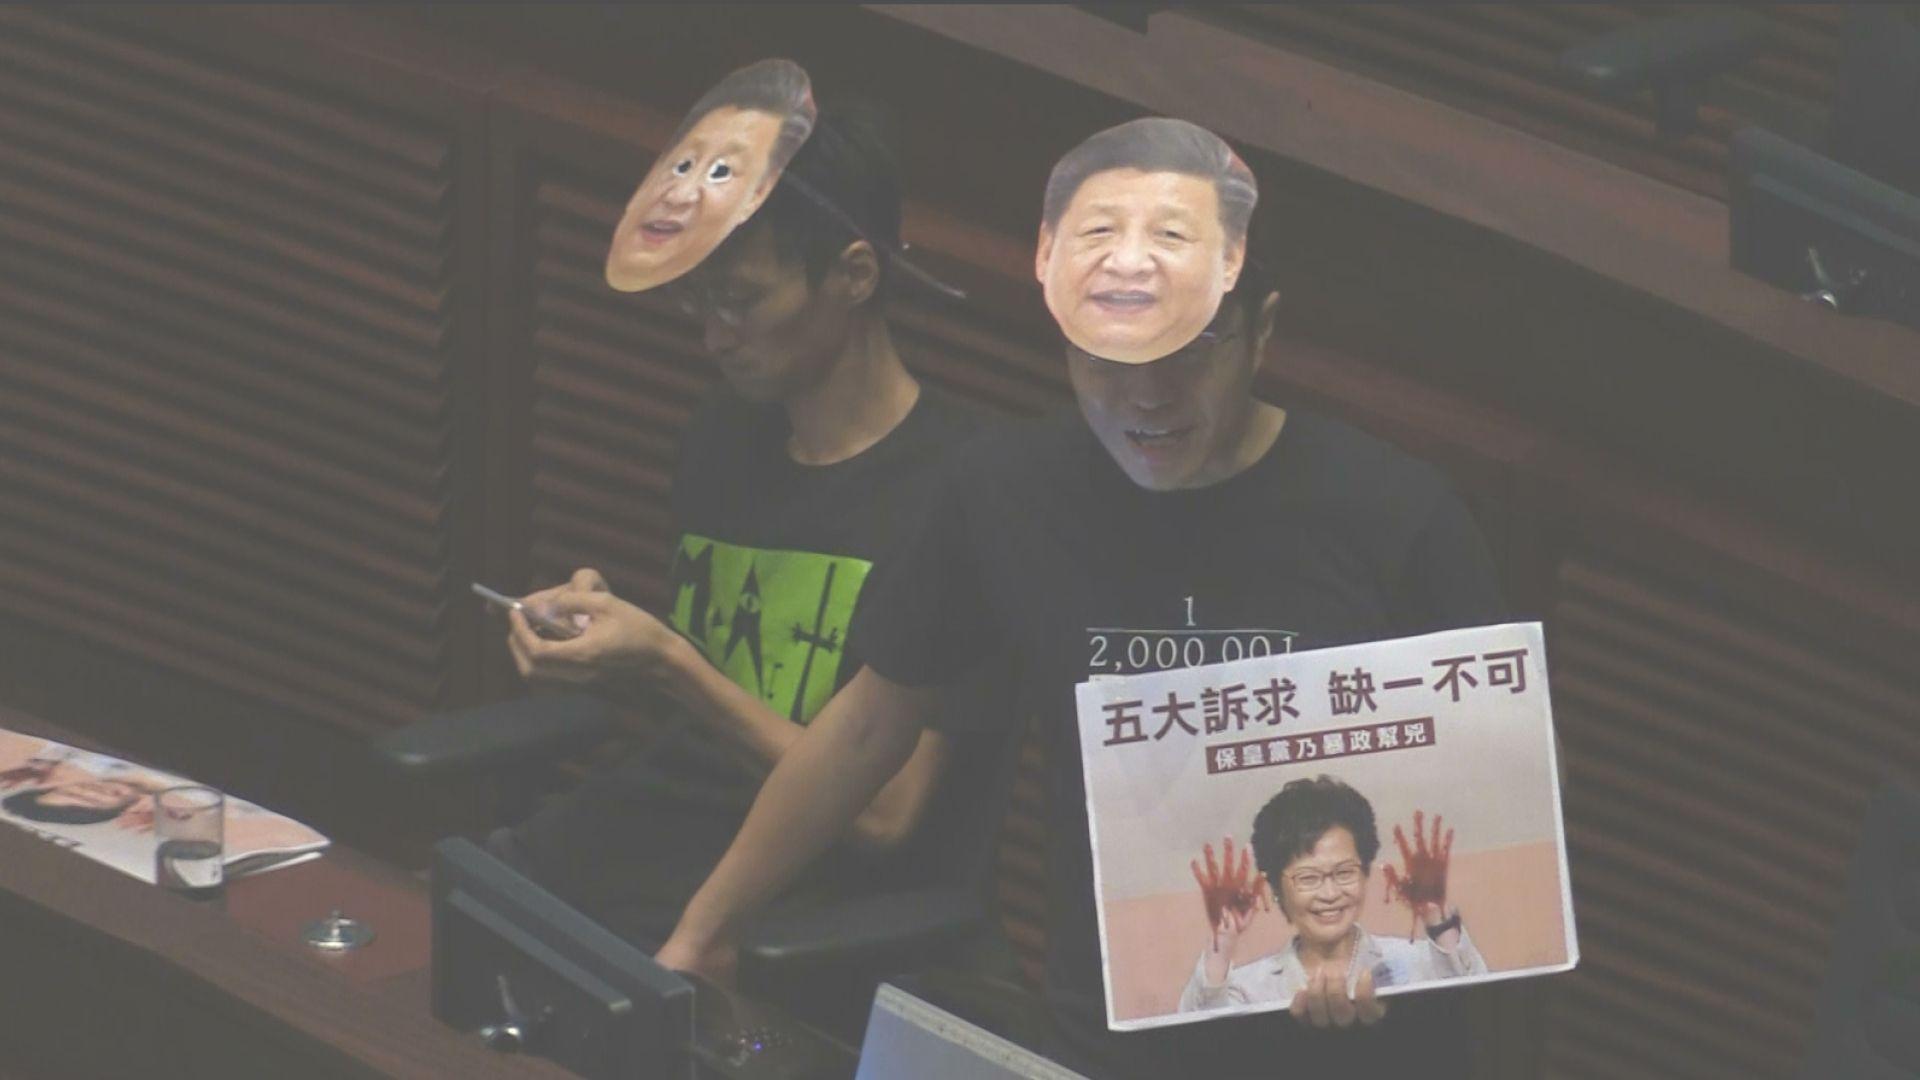 """【香港デモの現場から】""""自由を求める戦い""""が生む不寛容と恐怖。11月は対立解消のヤマ場になるか"""